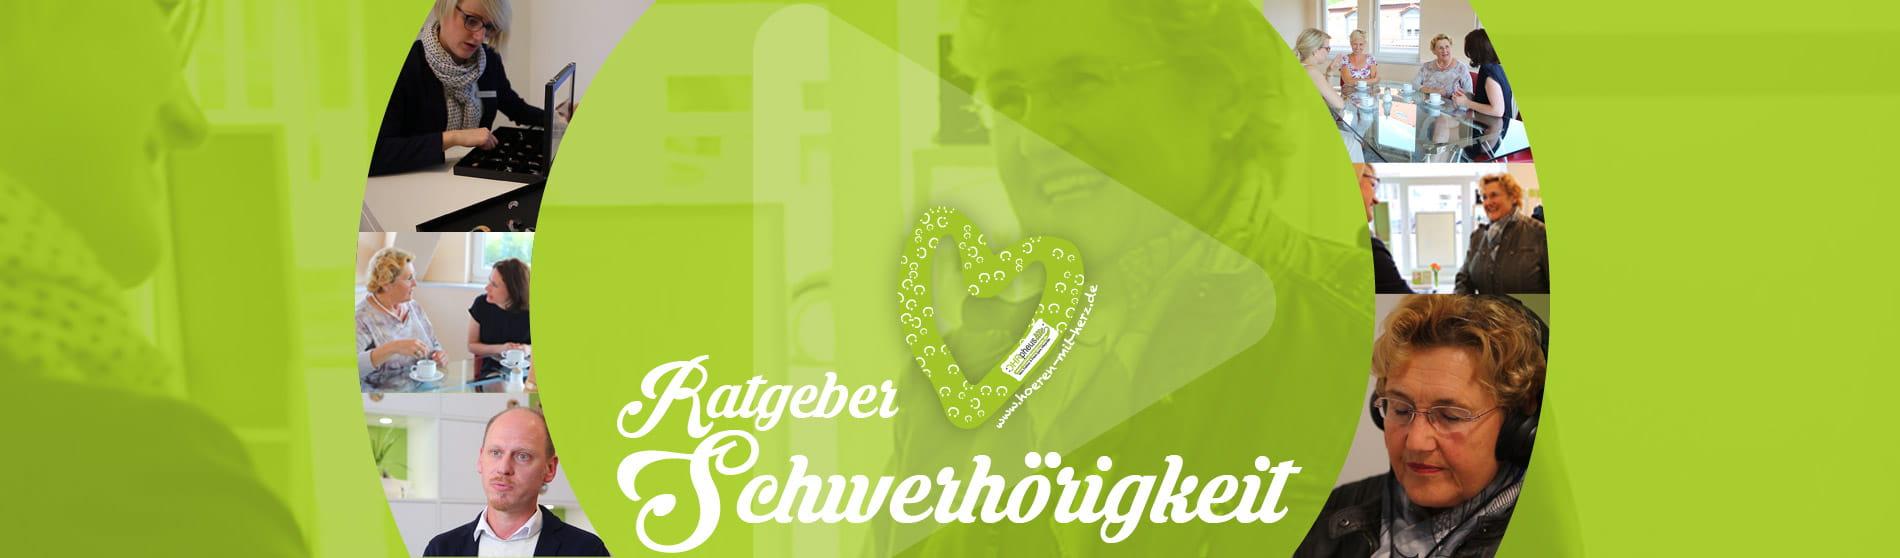 OHRpheus lite Ratgeber Schwerhörigkeit featured Bild